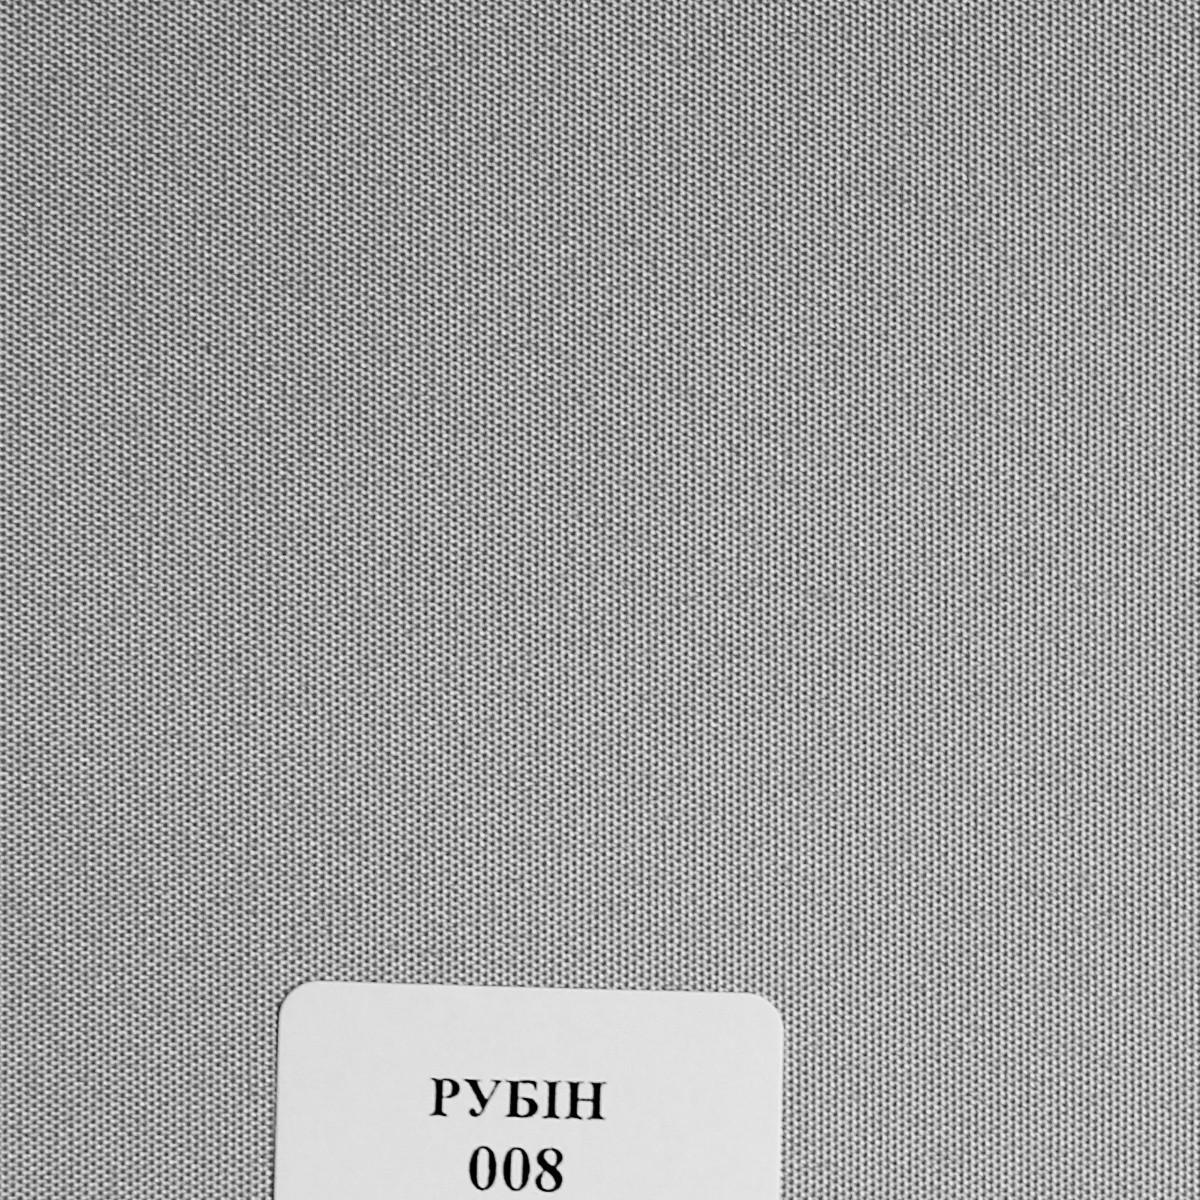 Рулонные шторы Ткань Рубин блэк-аут Серый